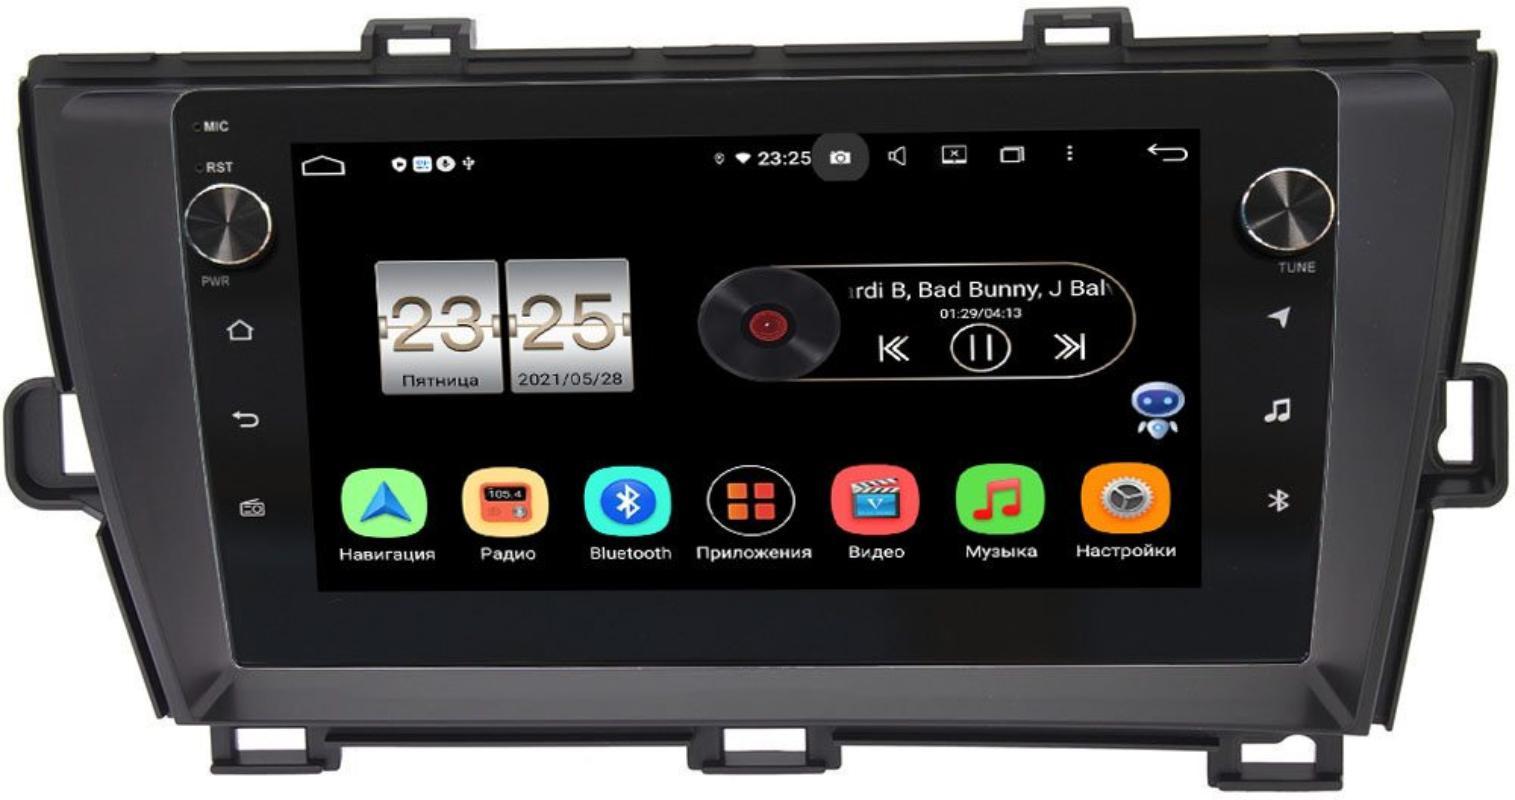 Штатная магнитола LeTrun BPX409-9210 для Toyota Prius III (XW30) 2009-2015 (левый руль) на Android 10 (4/32, DSP, IPS, с голосовым ассистентом, с крутилками) (+ Камера заднего вида в подарок!)